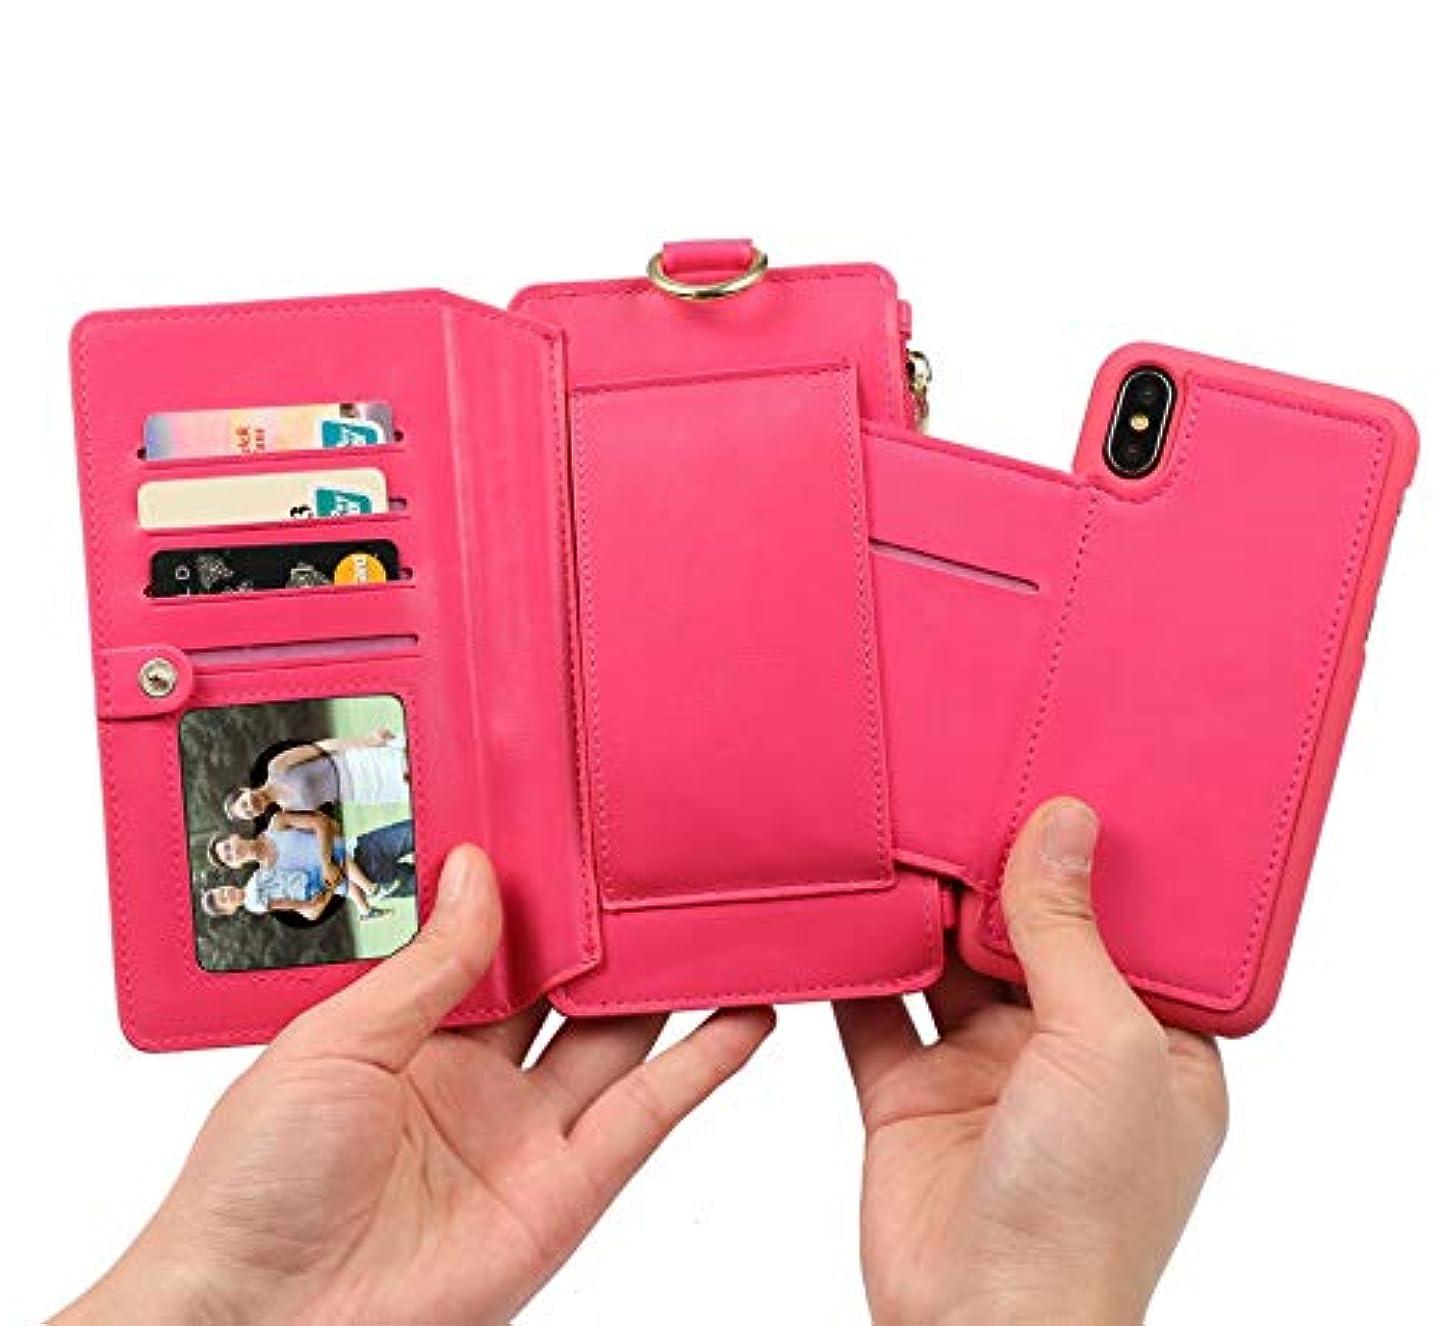 似ている盗賊かもめiPhone 8 Plus パソコンExit包保護套 - 折りたたみ保護袖 - 立ちブラケット-ビジネススタイル-全身保護-内殻金属リング-12札入れ-相枠-取り外し可能な電話ケース財布 5.5インチiPhone 7 Plus...